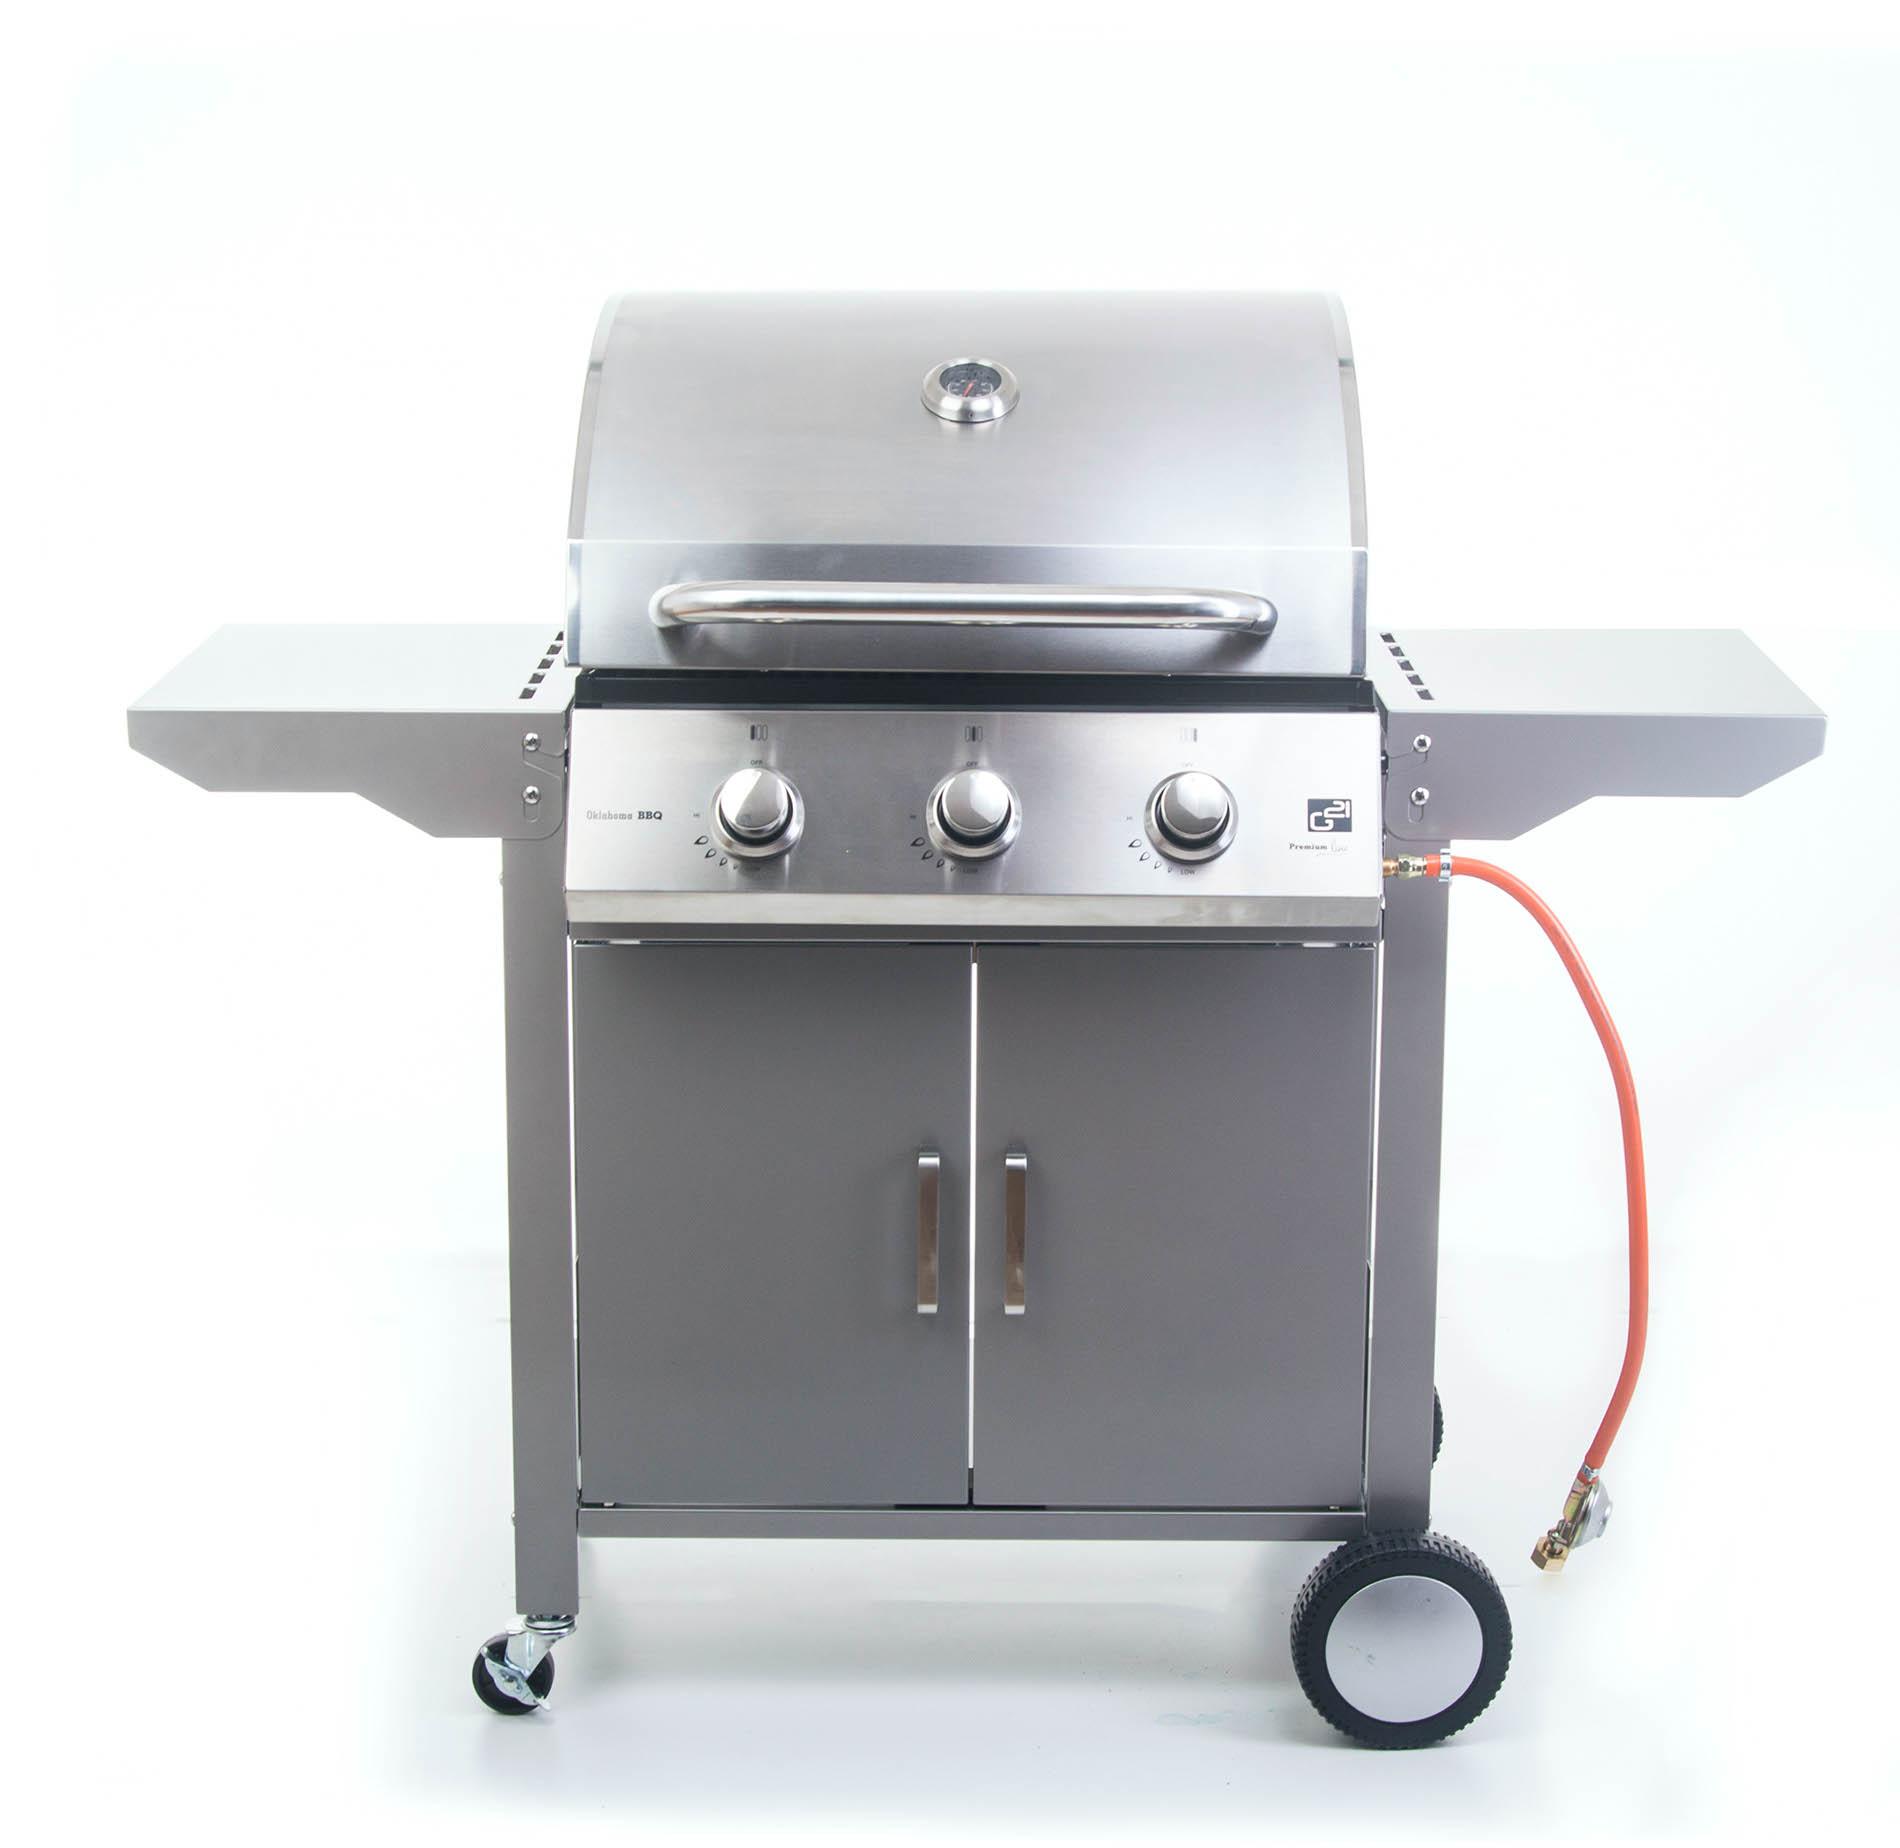 Plynový gril G21 Oklahoma, BBQ Premium Line 3 hořáky + doprava zdarma